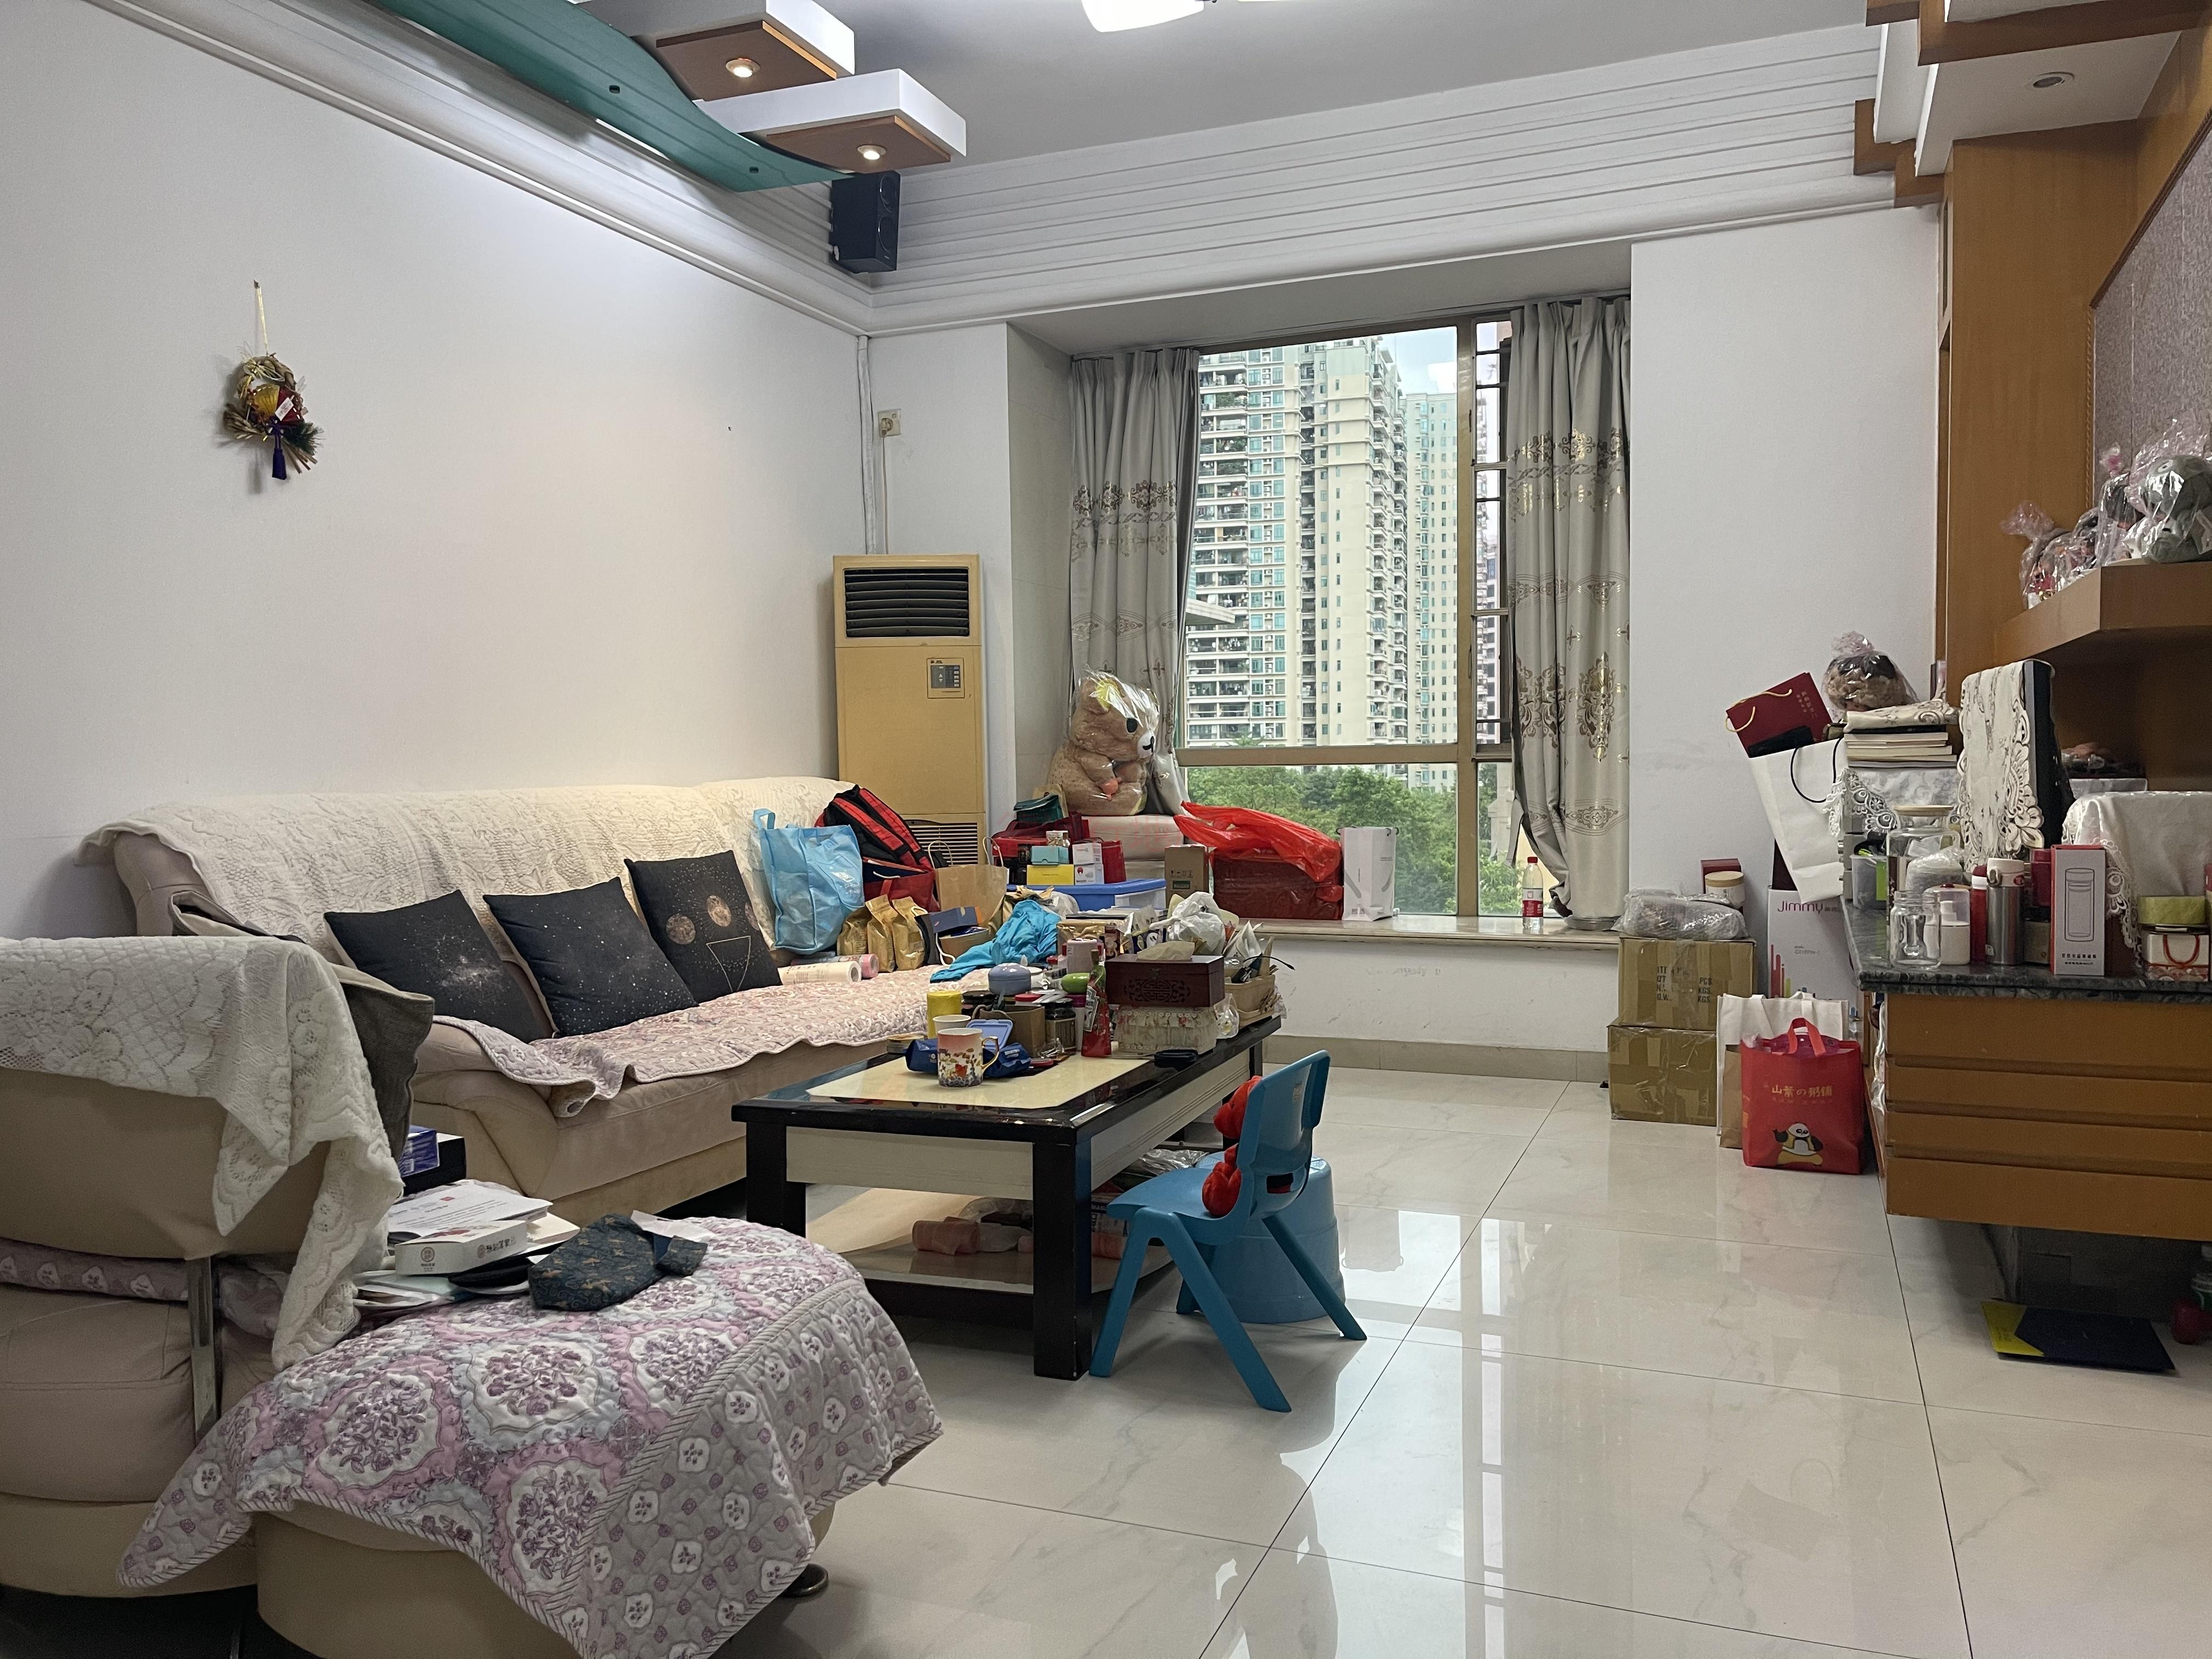 珠江新城海滨花园 少有东南向安静2房放卖 过五看中可谈价